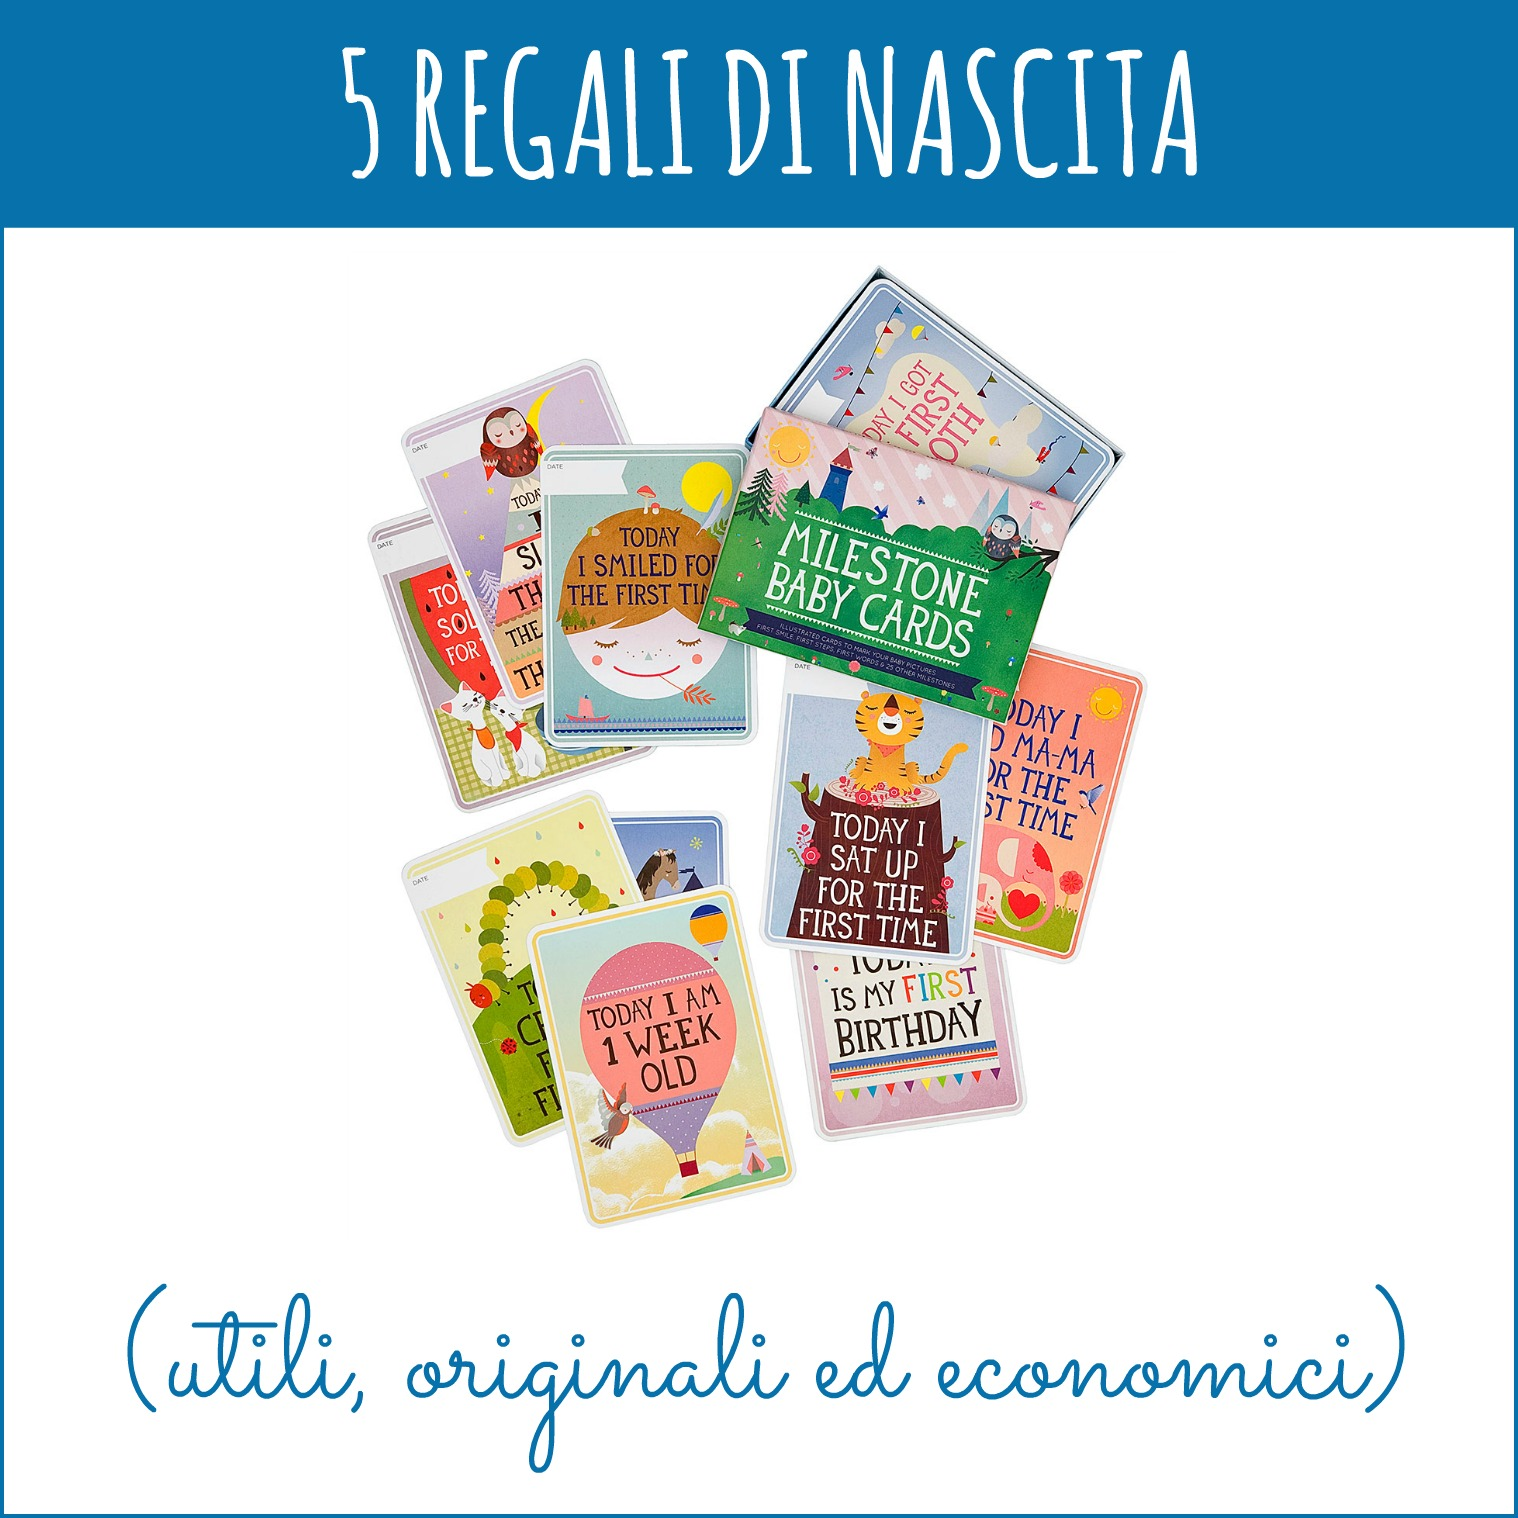 5 regali di nascita utili originali ed economici for Regali per la casa utili